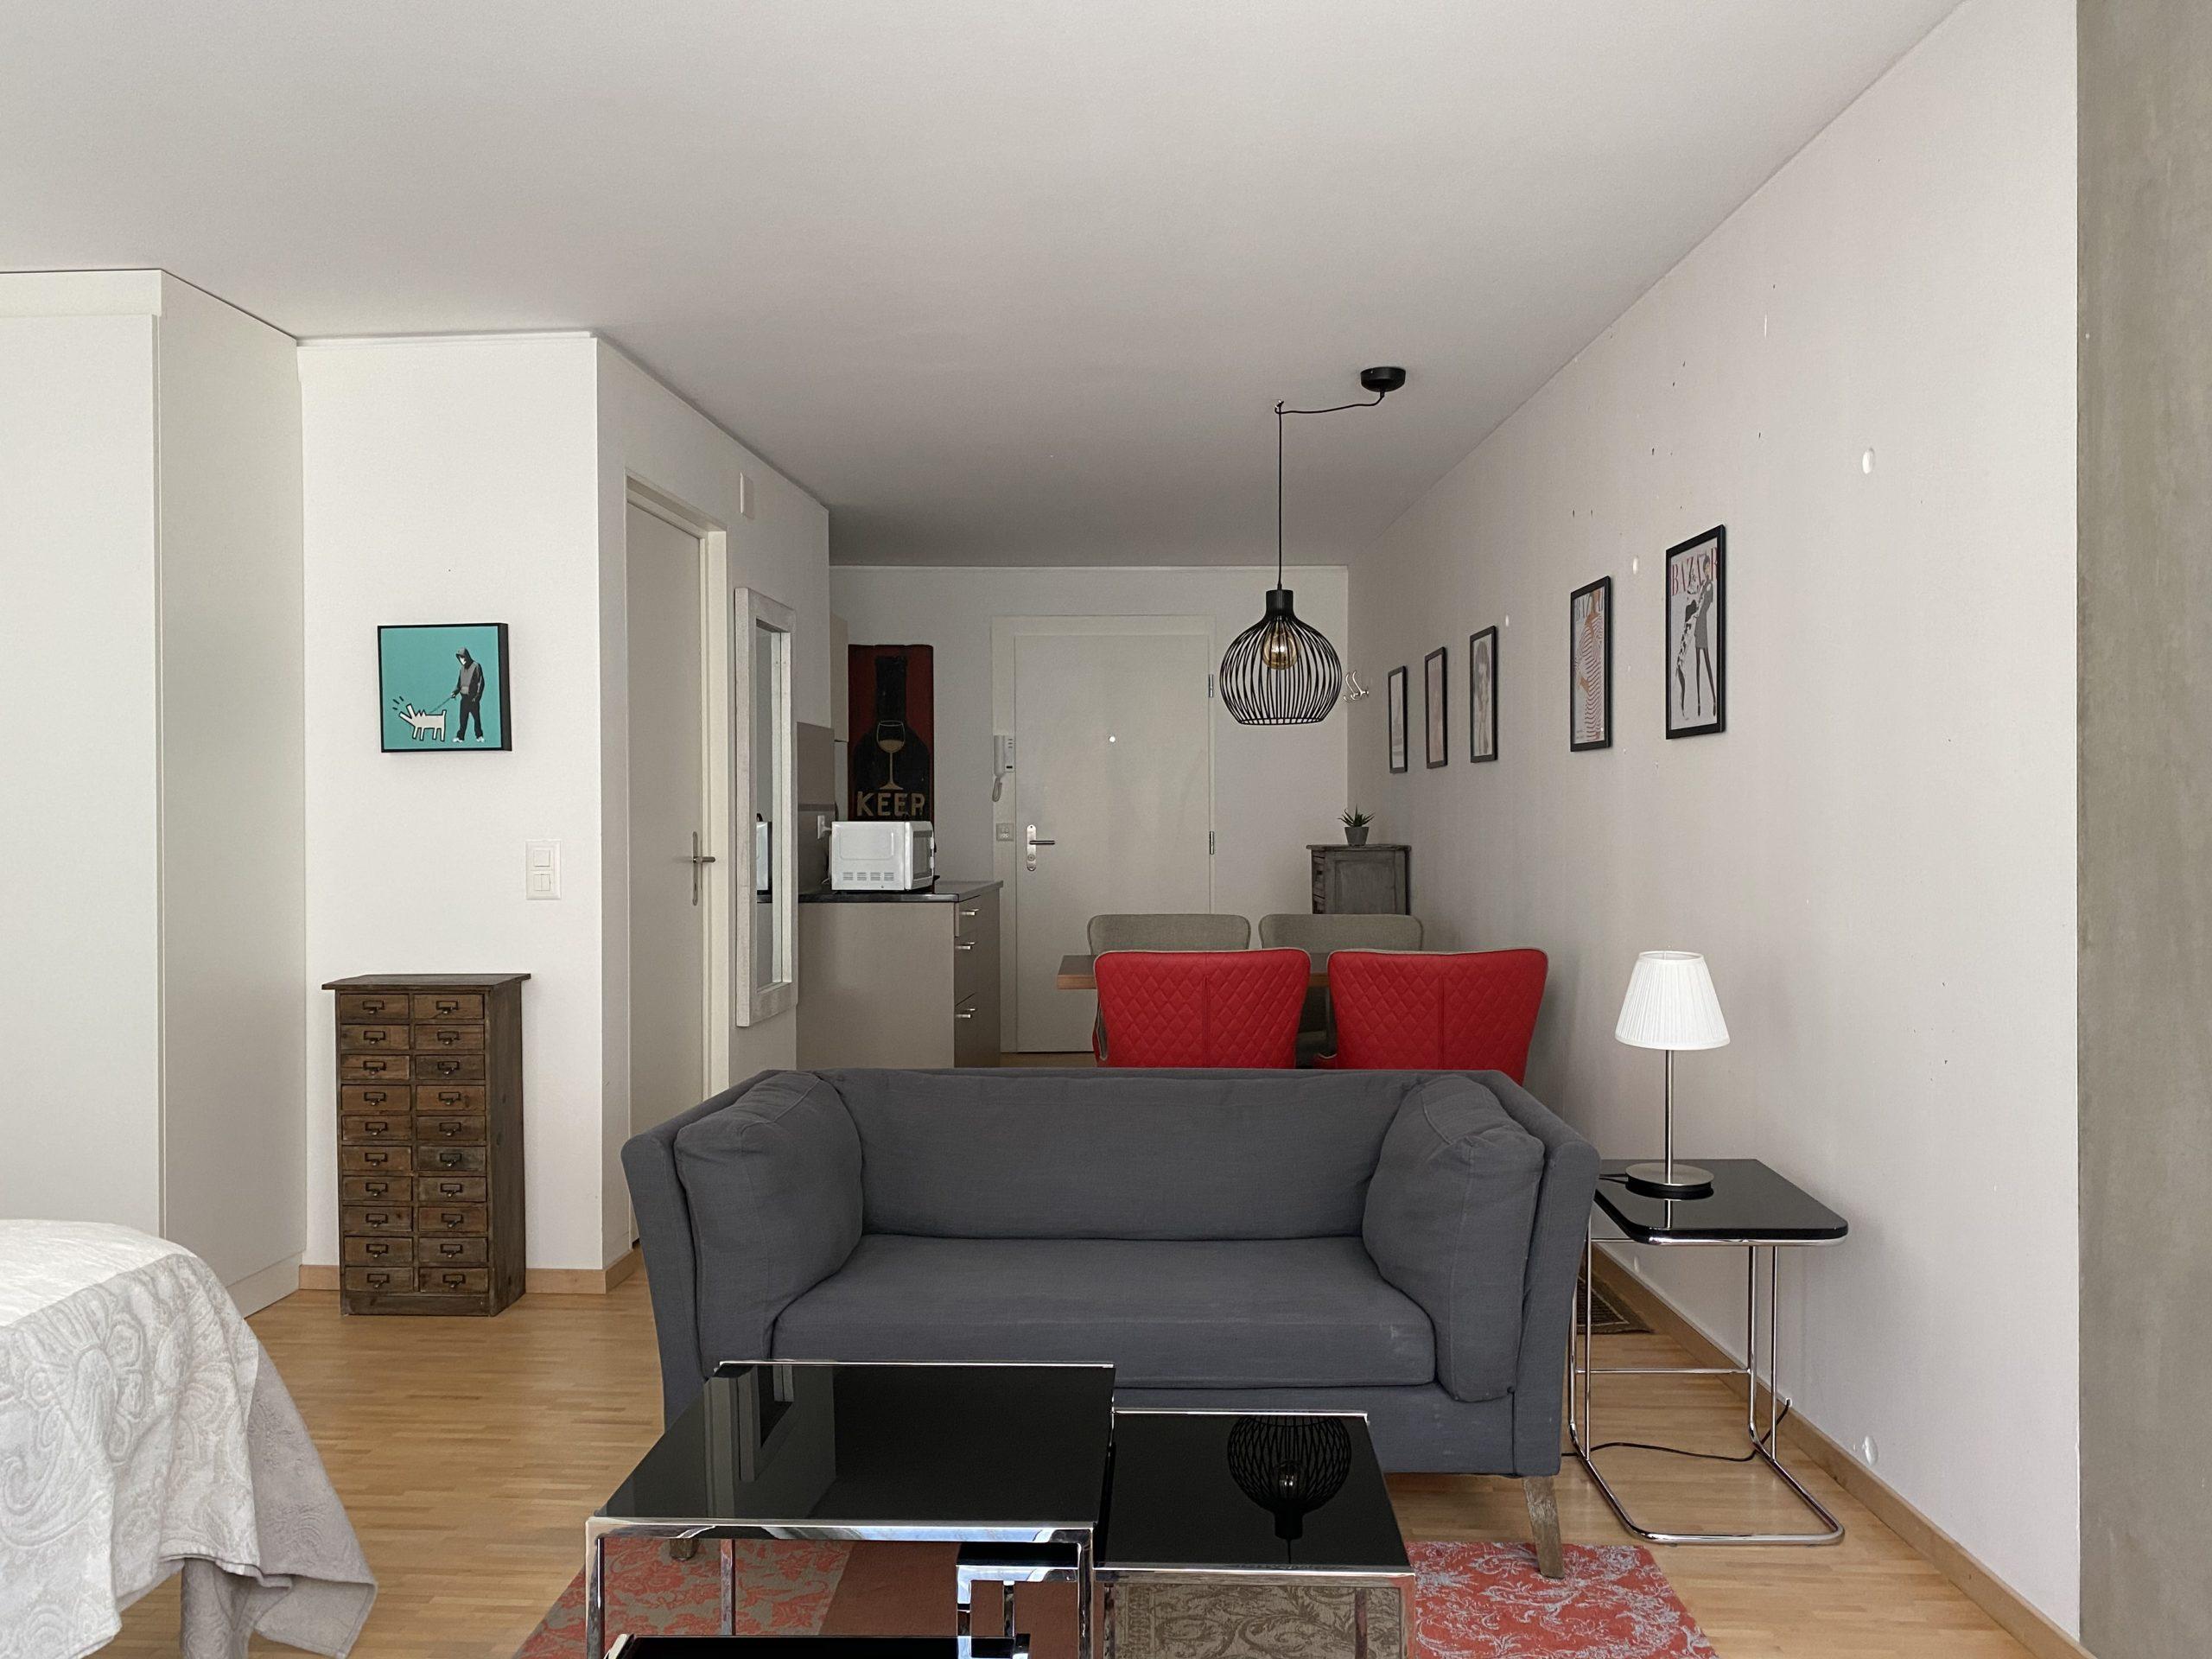 Rue du Flon 12, Lausanne - 1.5 pièce - Lot 3.1 2